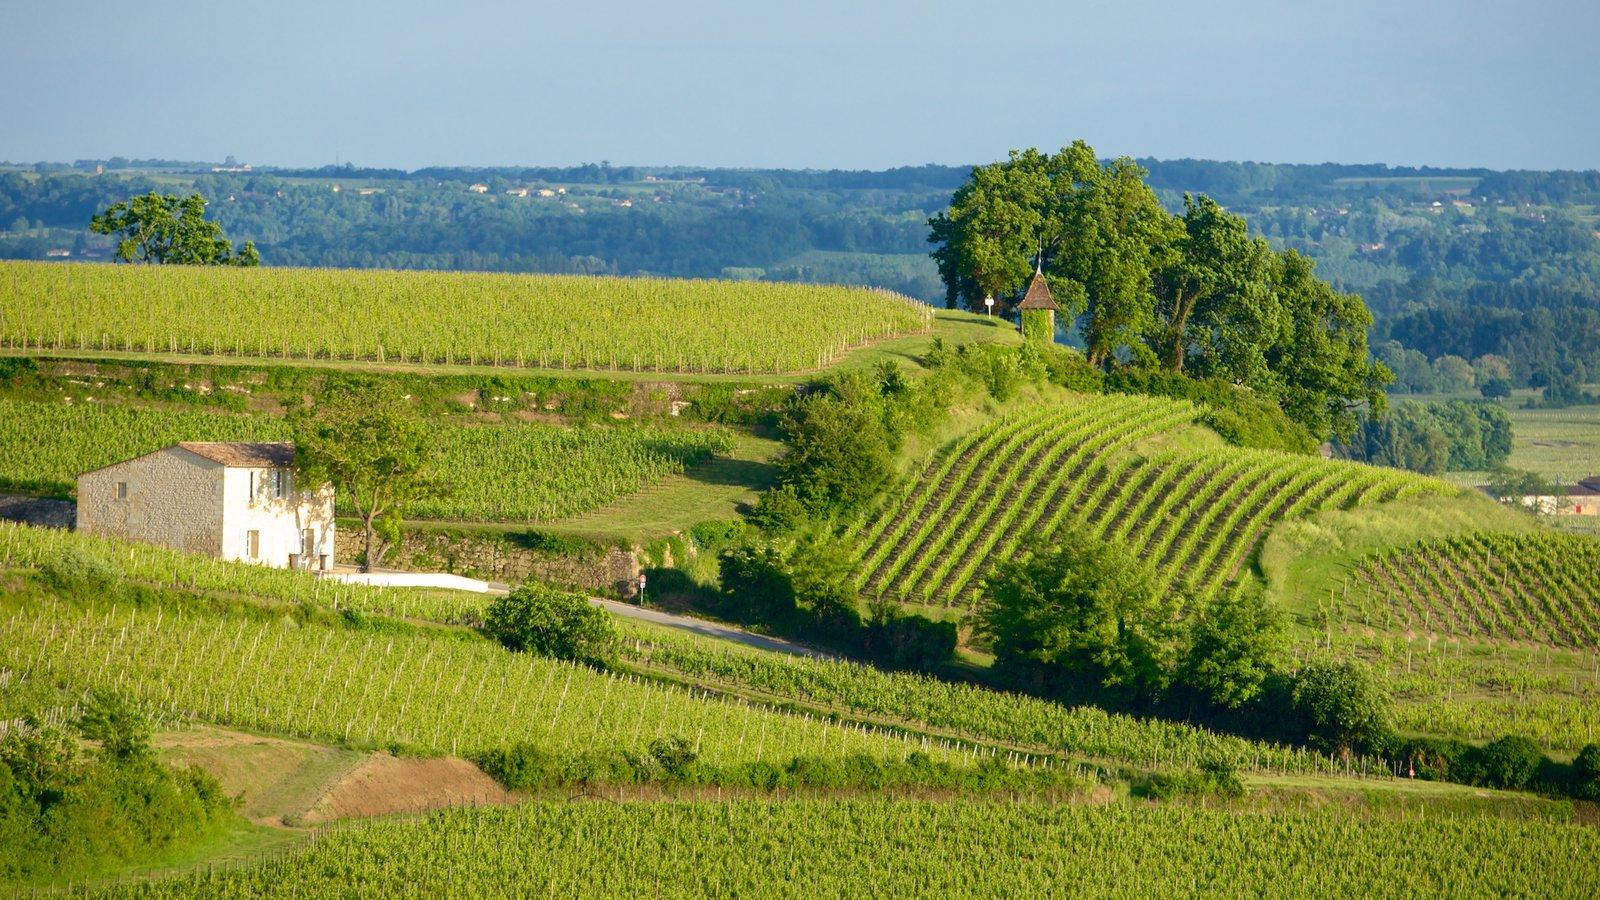 131681-Bordeaux-Wine-Region-Area.jpg